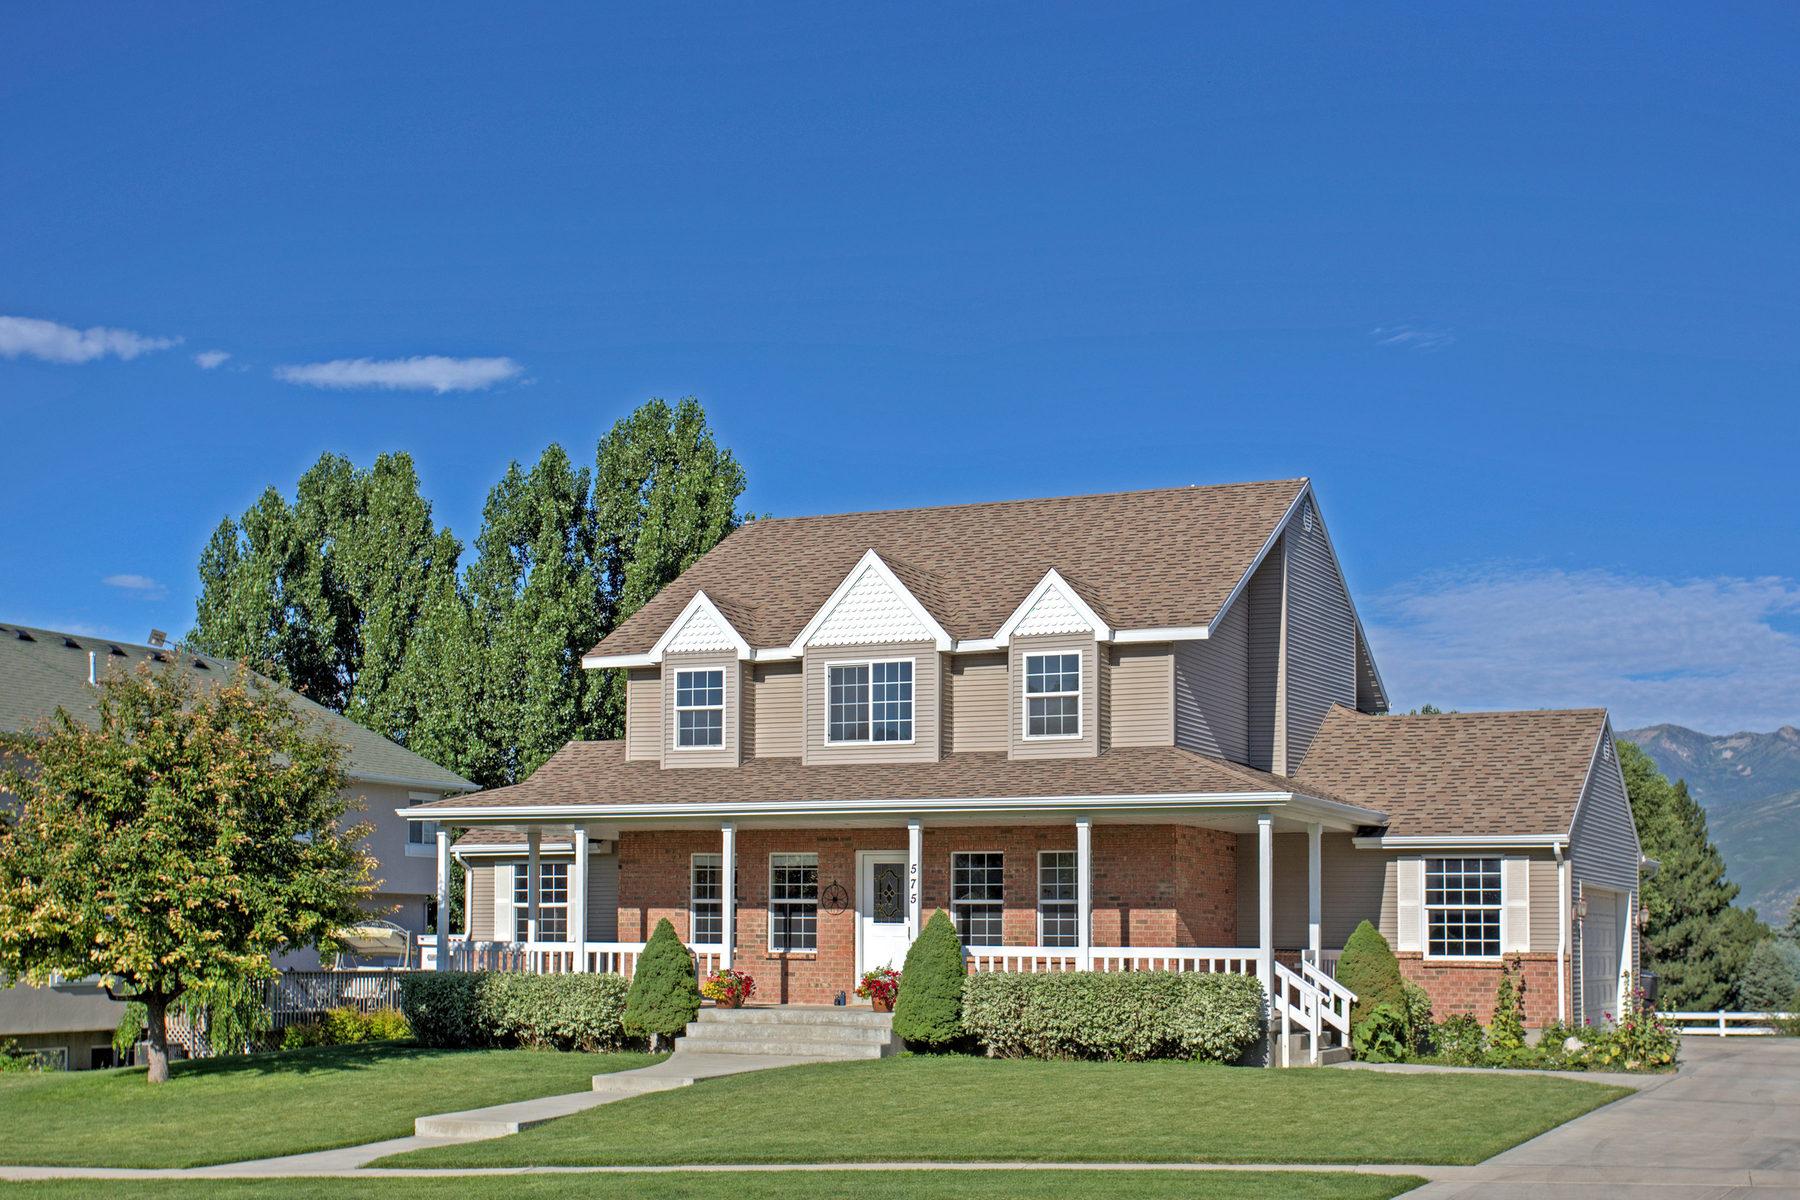 Nhà ở một gia đình vì Bán tại Views-Land-Wonderful Custom Home 575 North 750 East Heber City, Utah 84032 Hoa Kỳ